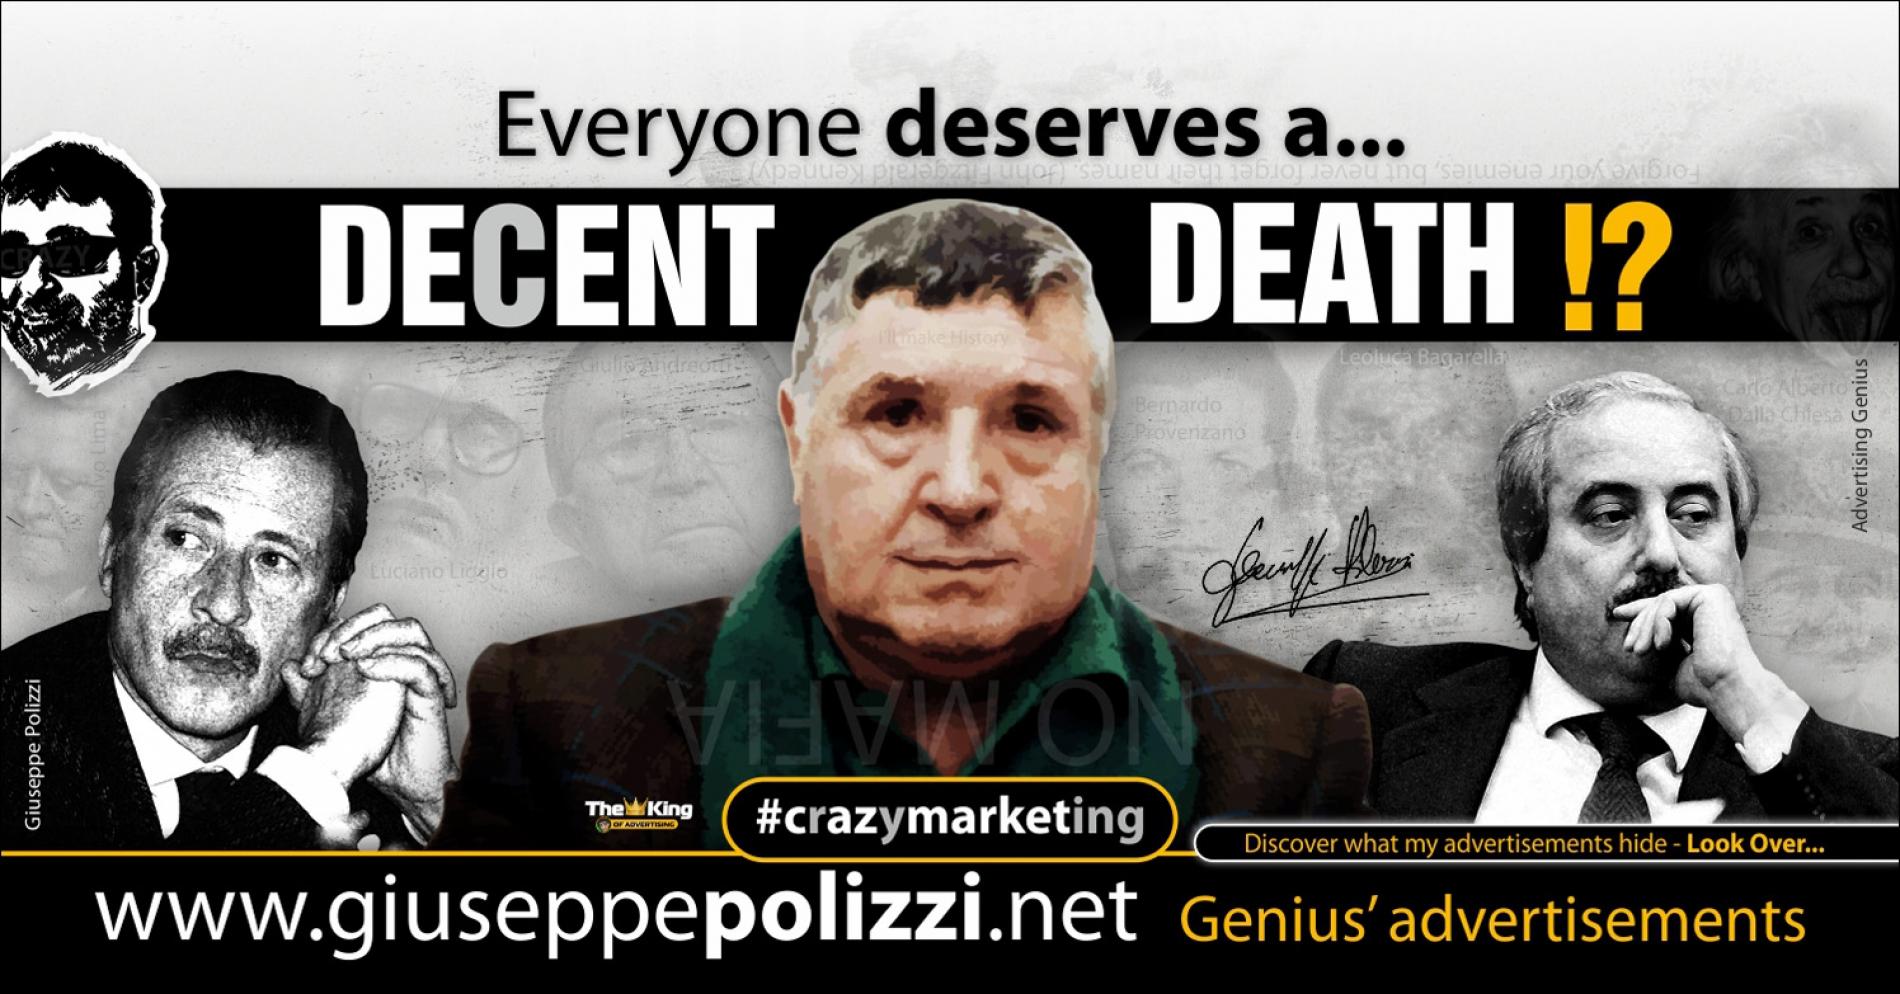 giuseppe polizzi MAFIARiina Falcone Borsellino crazy marketing genius  2017